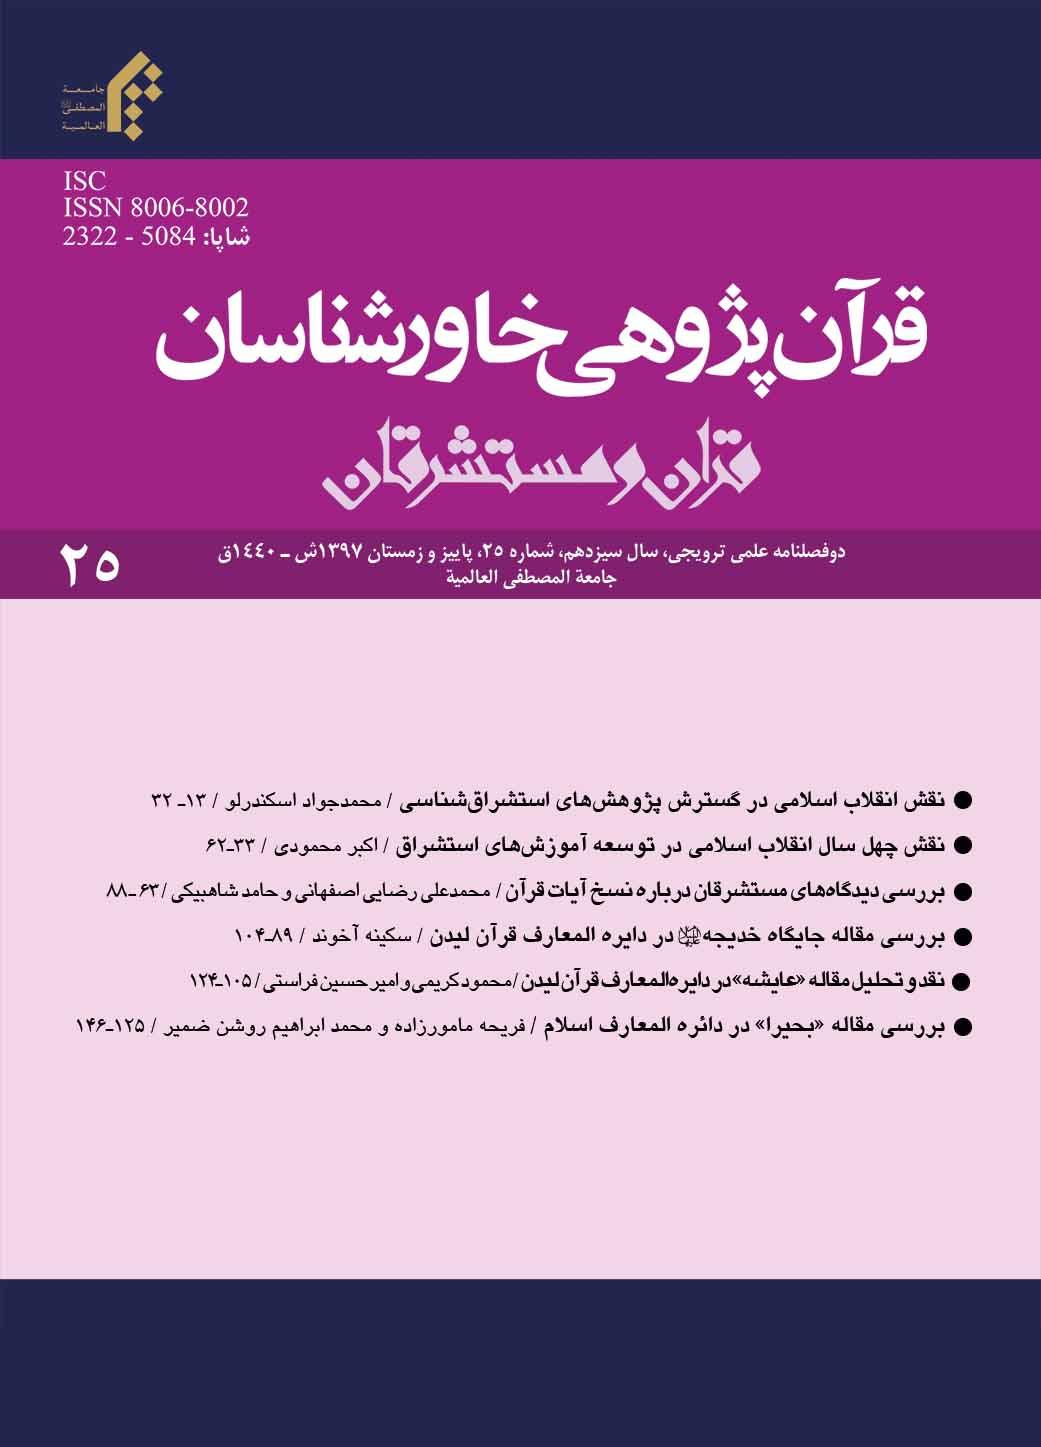 قرآن پژوهی خاورشناسان